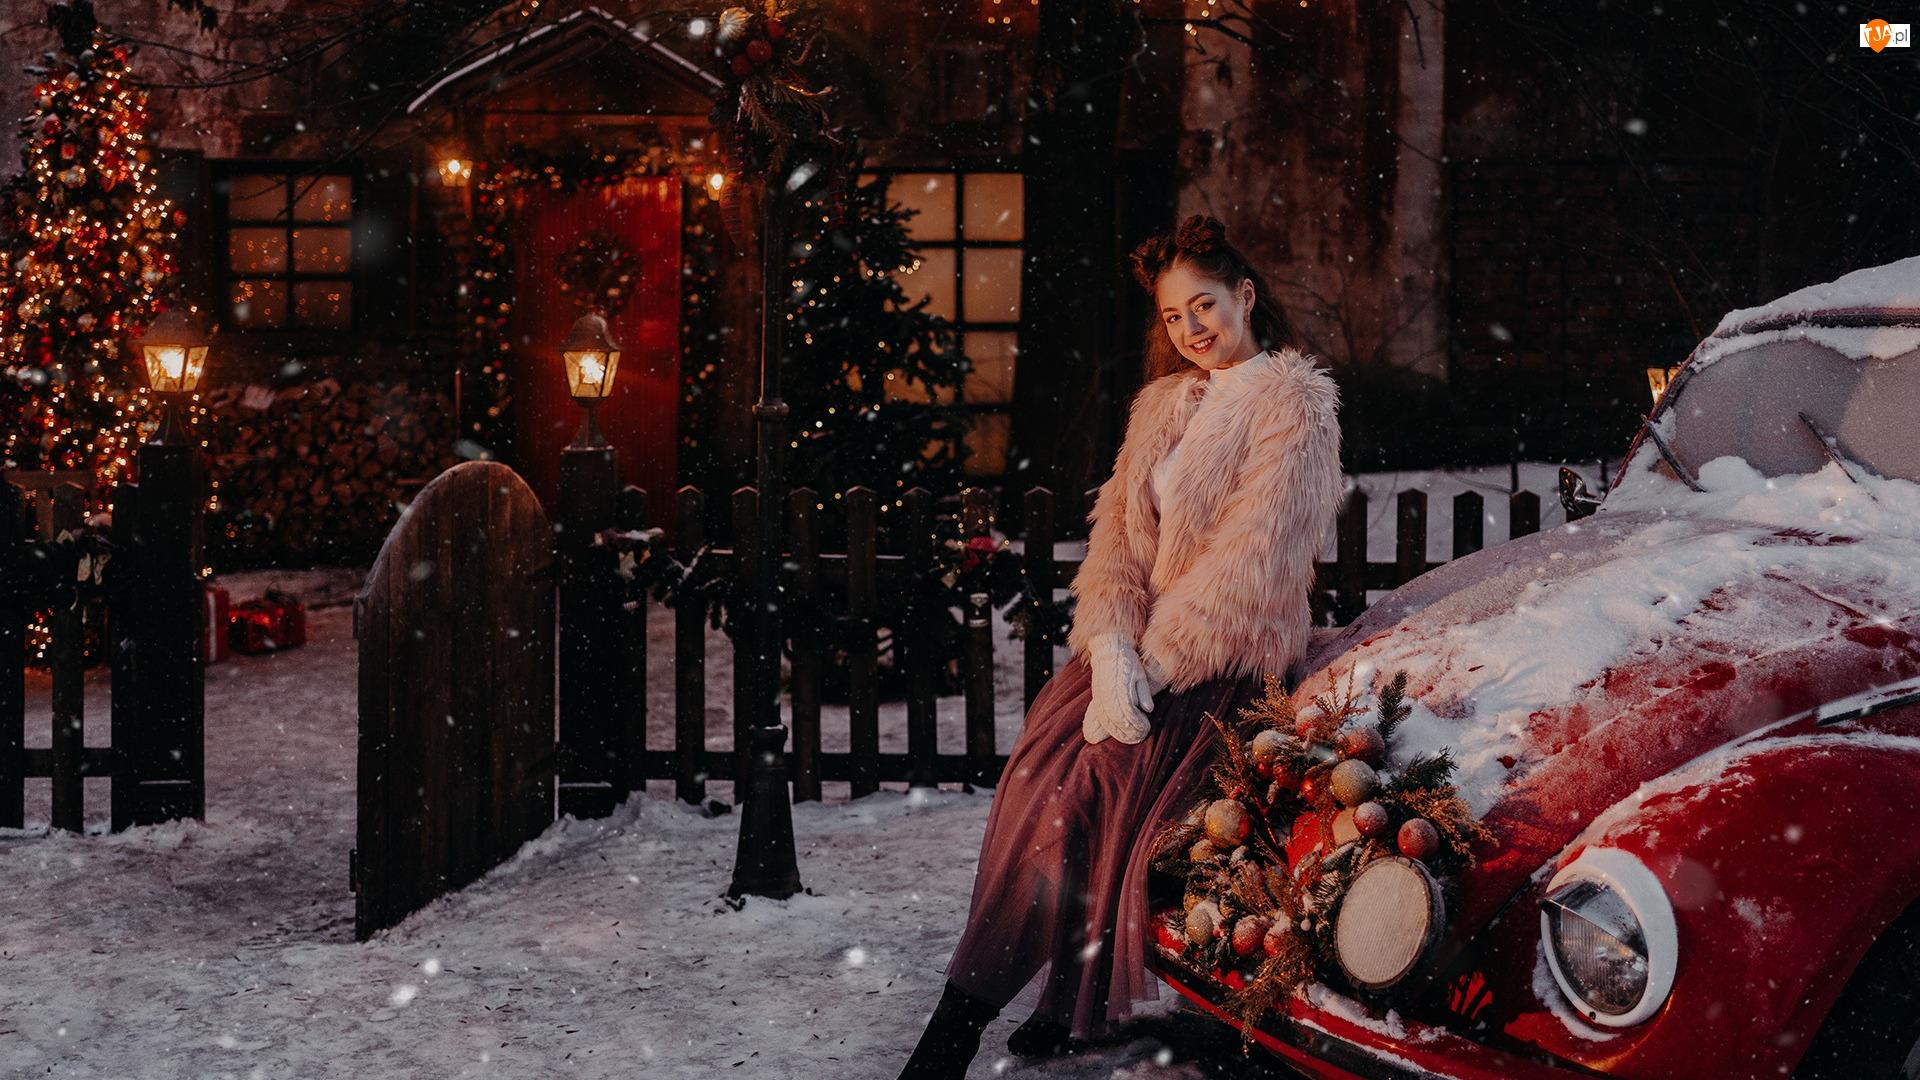 Kobieta, Śnieg, Dom, Samochód, Drzewo, Boże Narodzenie, Uśmiech